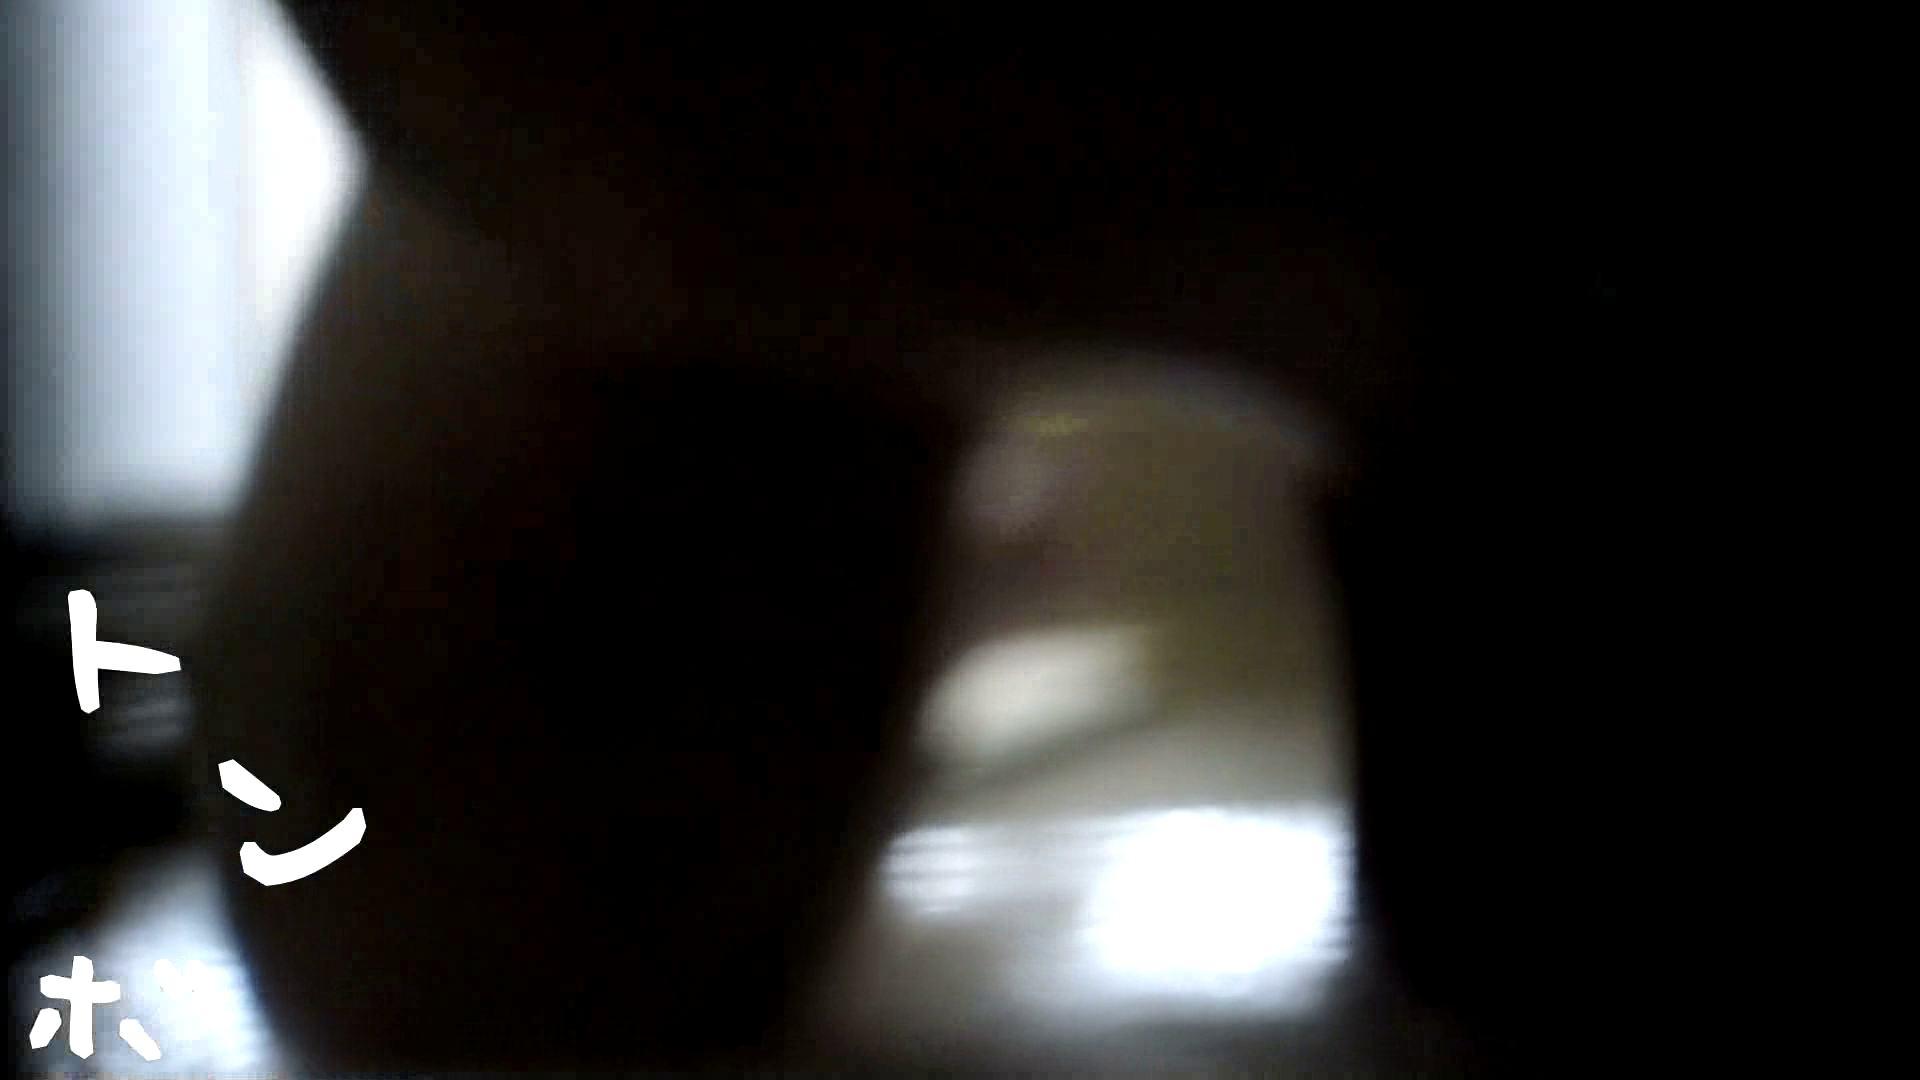 リアル盗撮 清楚なお女市さんのマル秘私生活① 高画質 おまんこ動画流出 71PIX 5